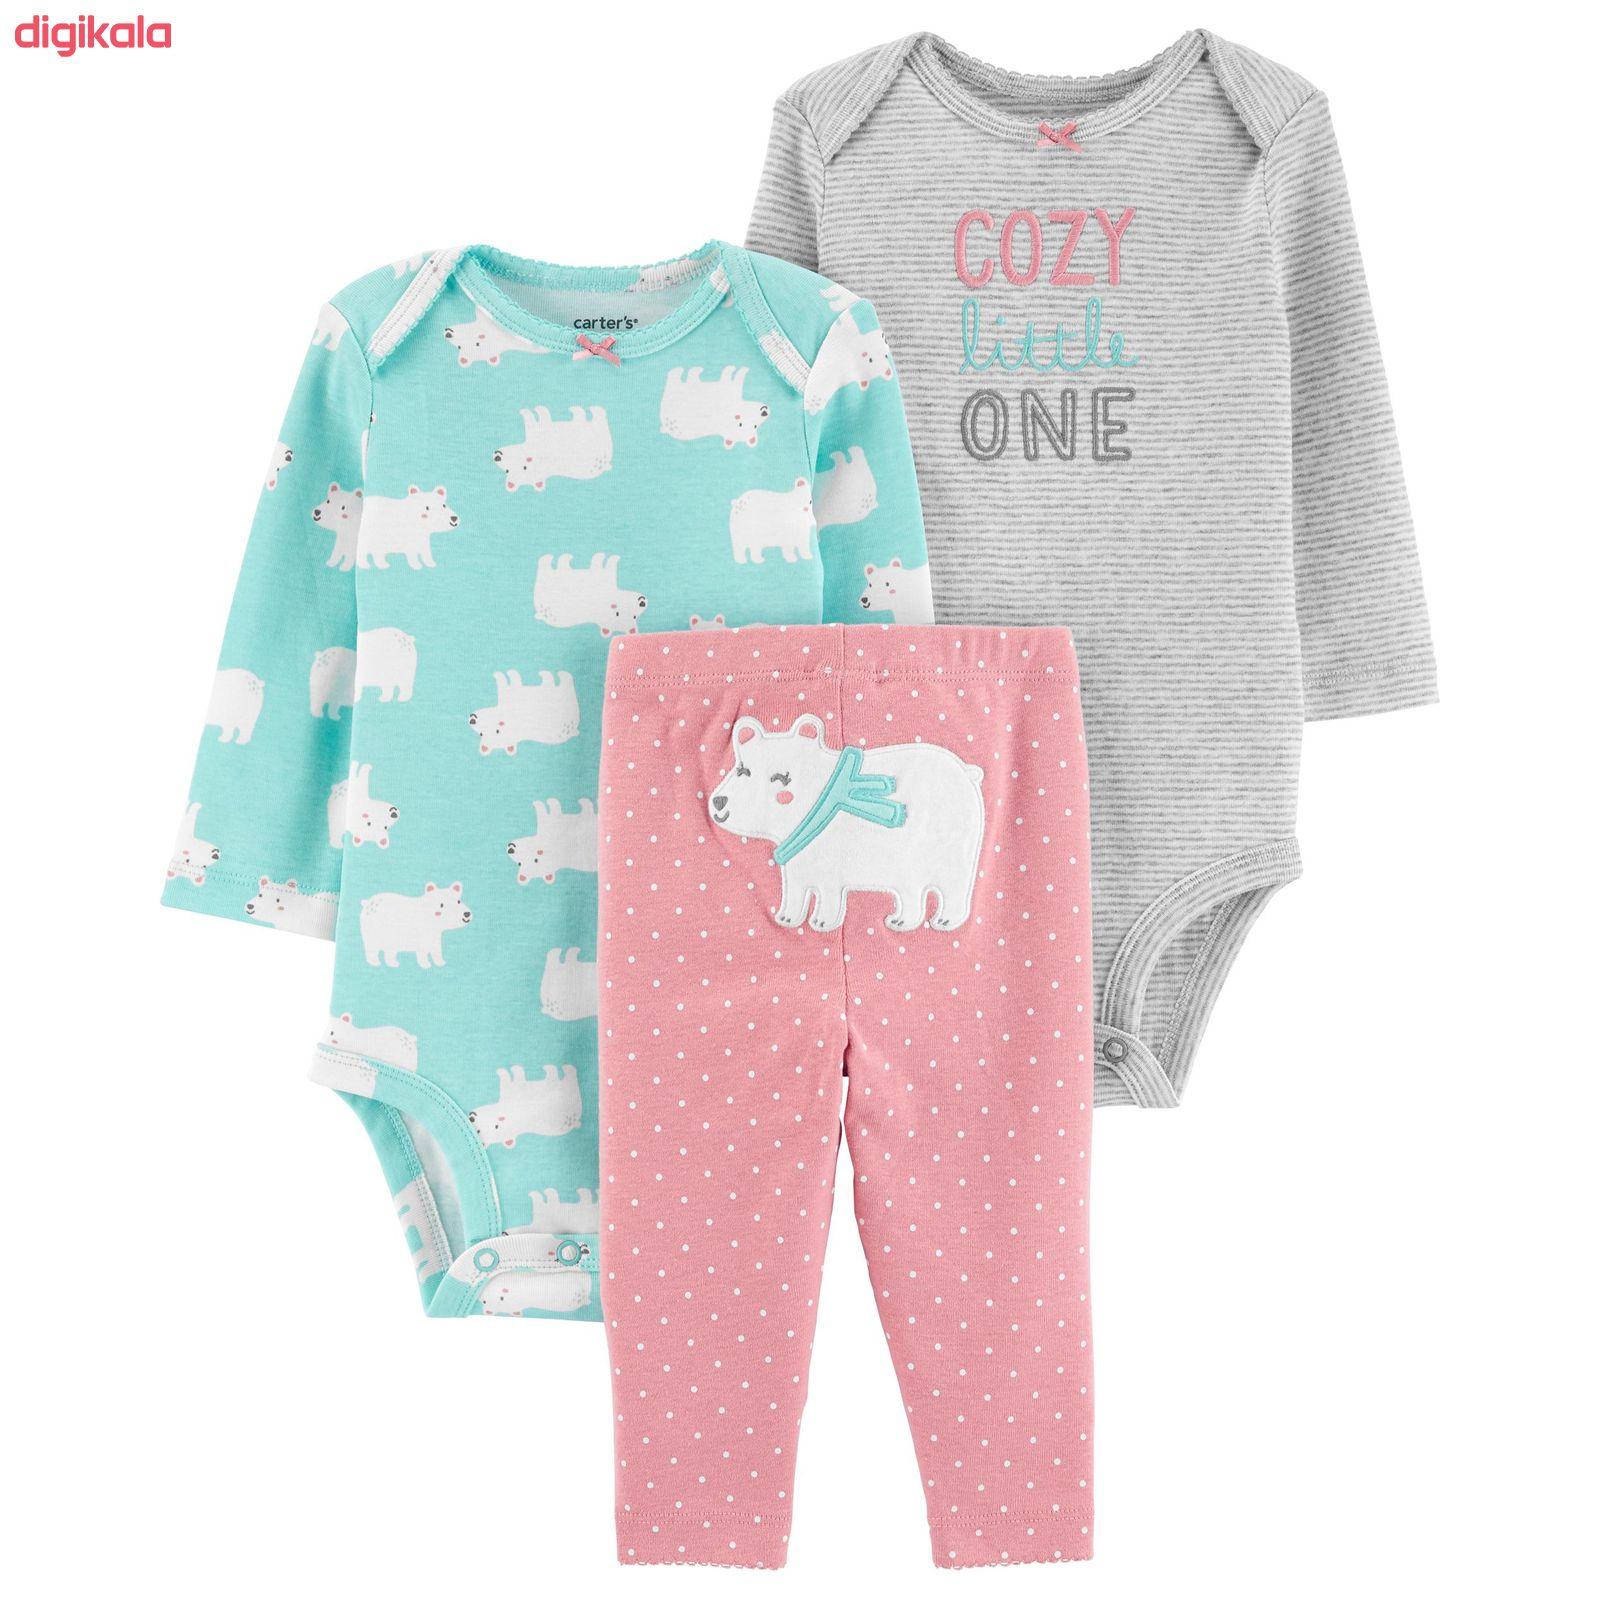 ست 3 تکه لباس نوزادی دخترانه کارترز طرح Cozy کد M369